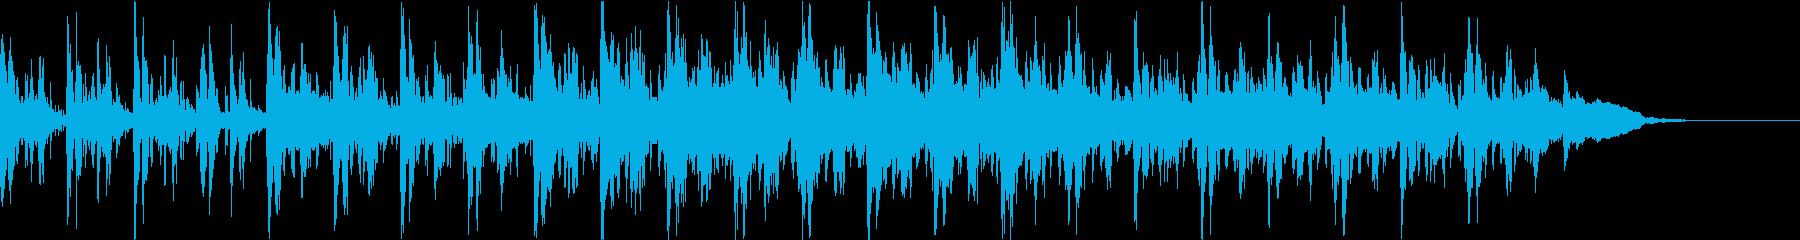 Pf「捜査」和風現代ジャズの再生済みの波形